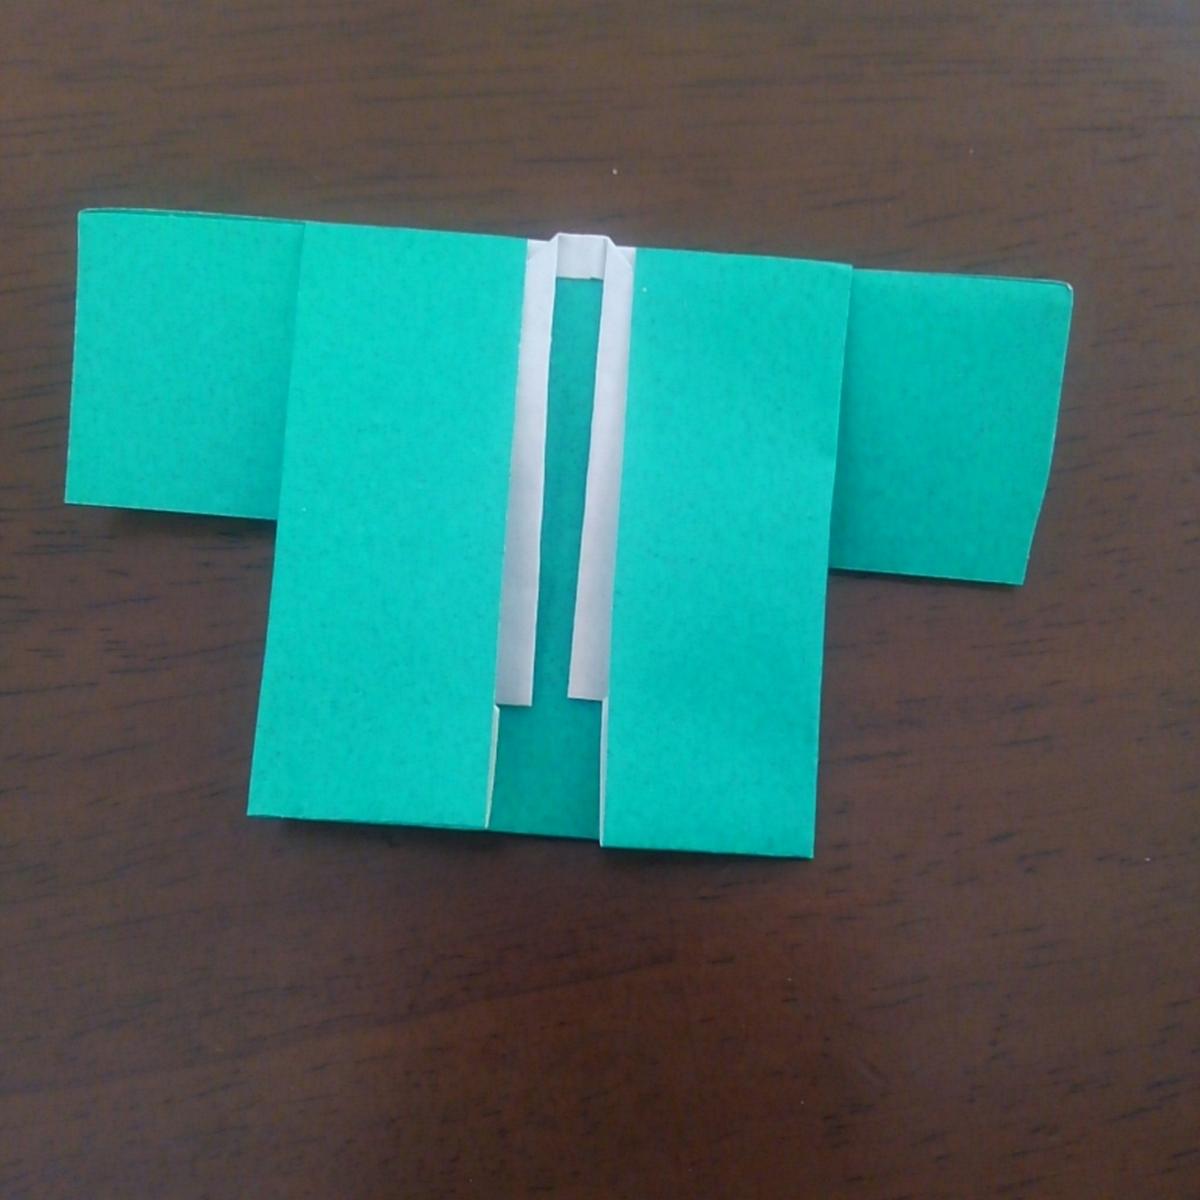 鬼滅の刃 折り紙 羽織 簡単 炭次郎